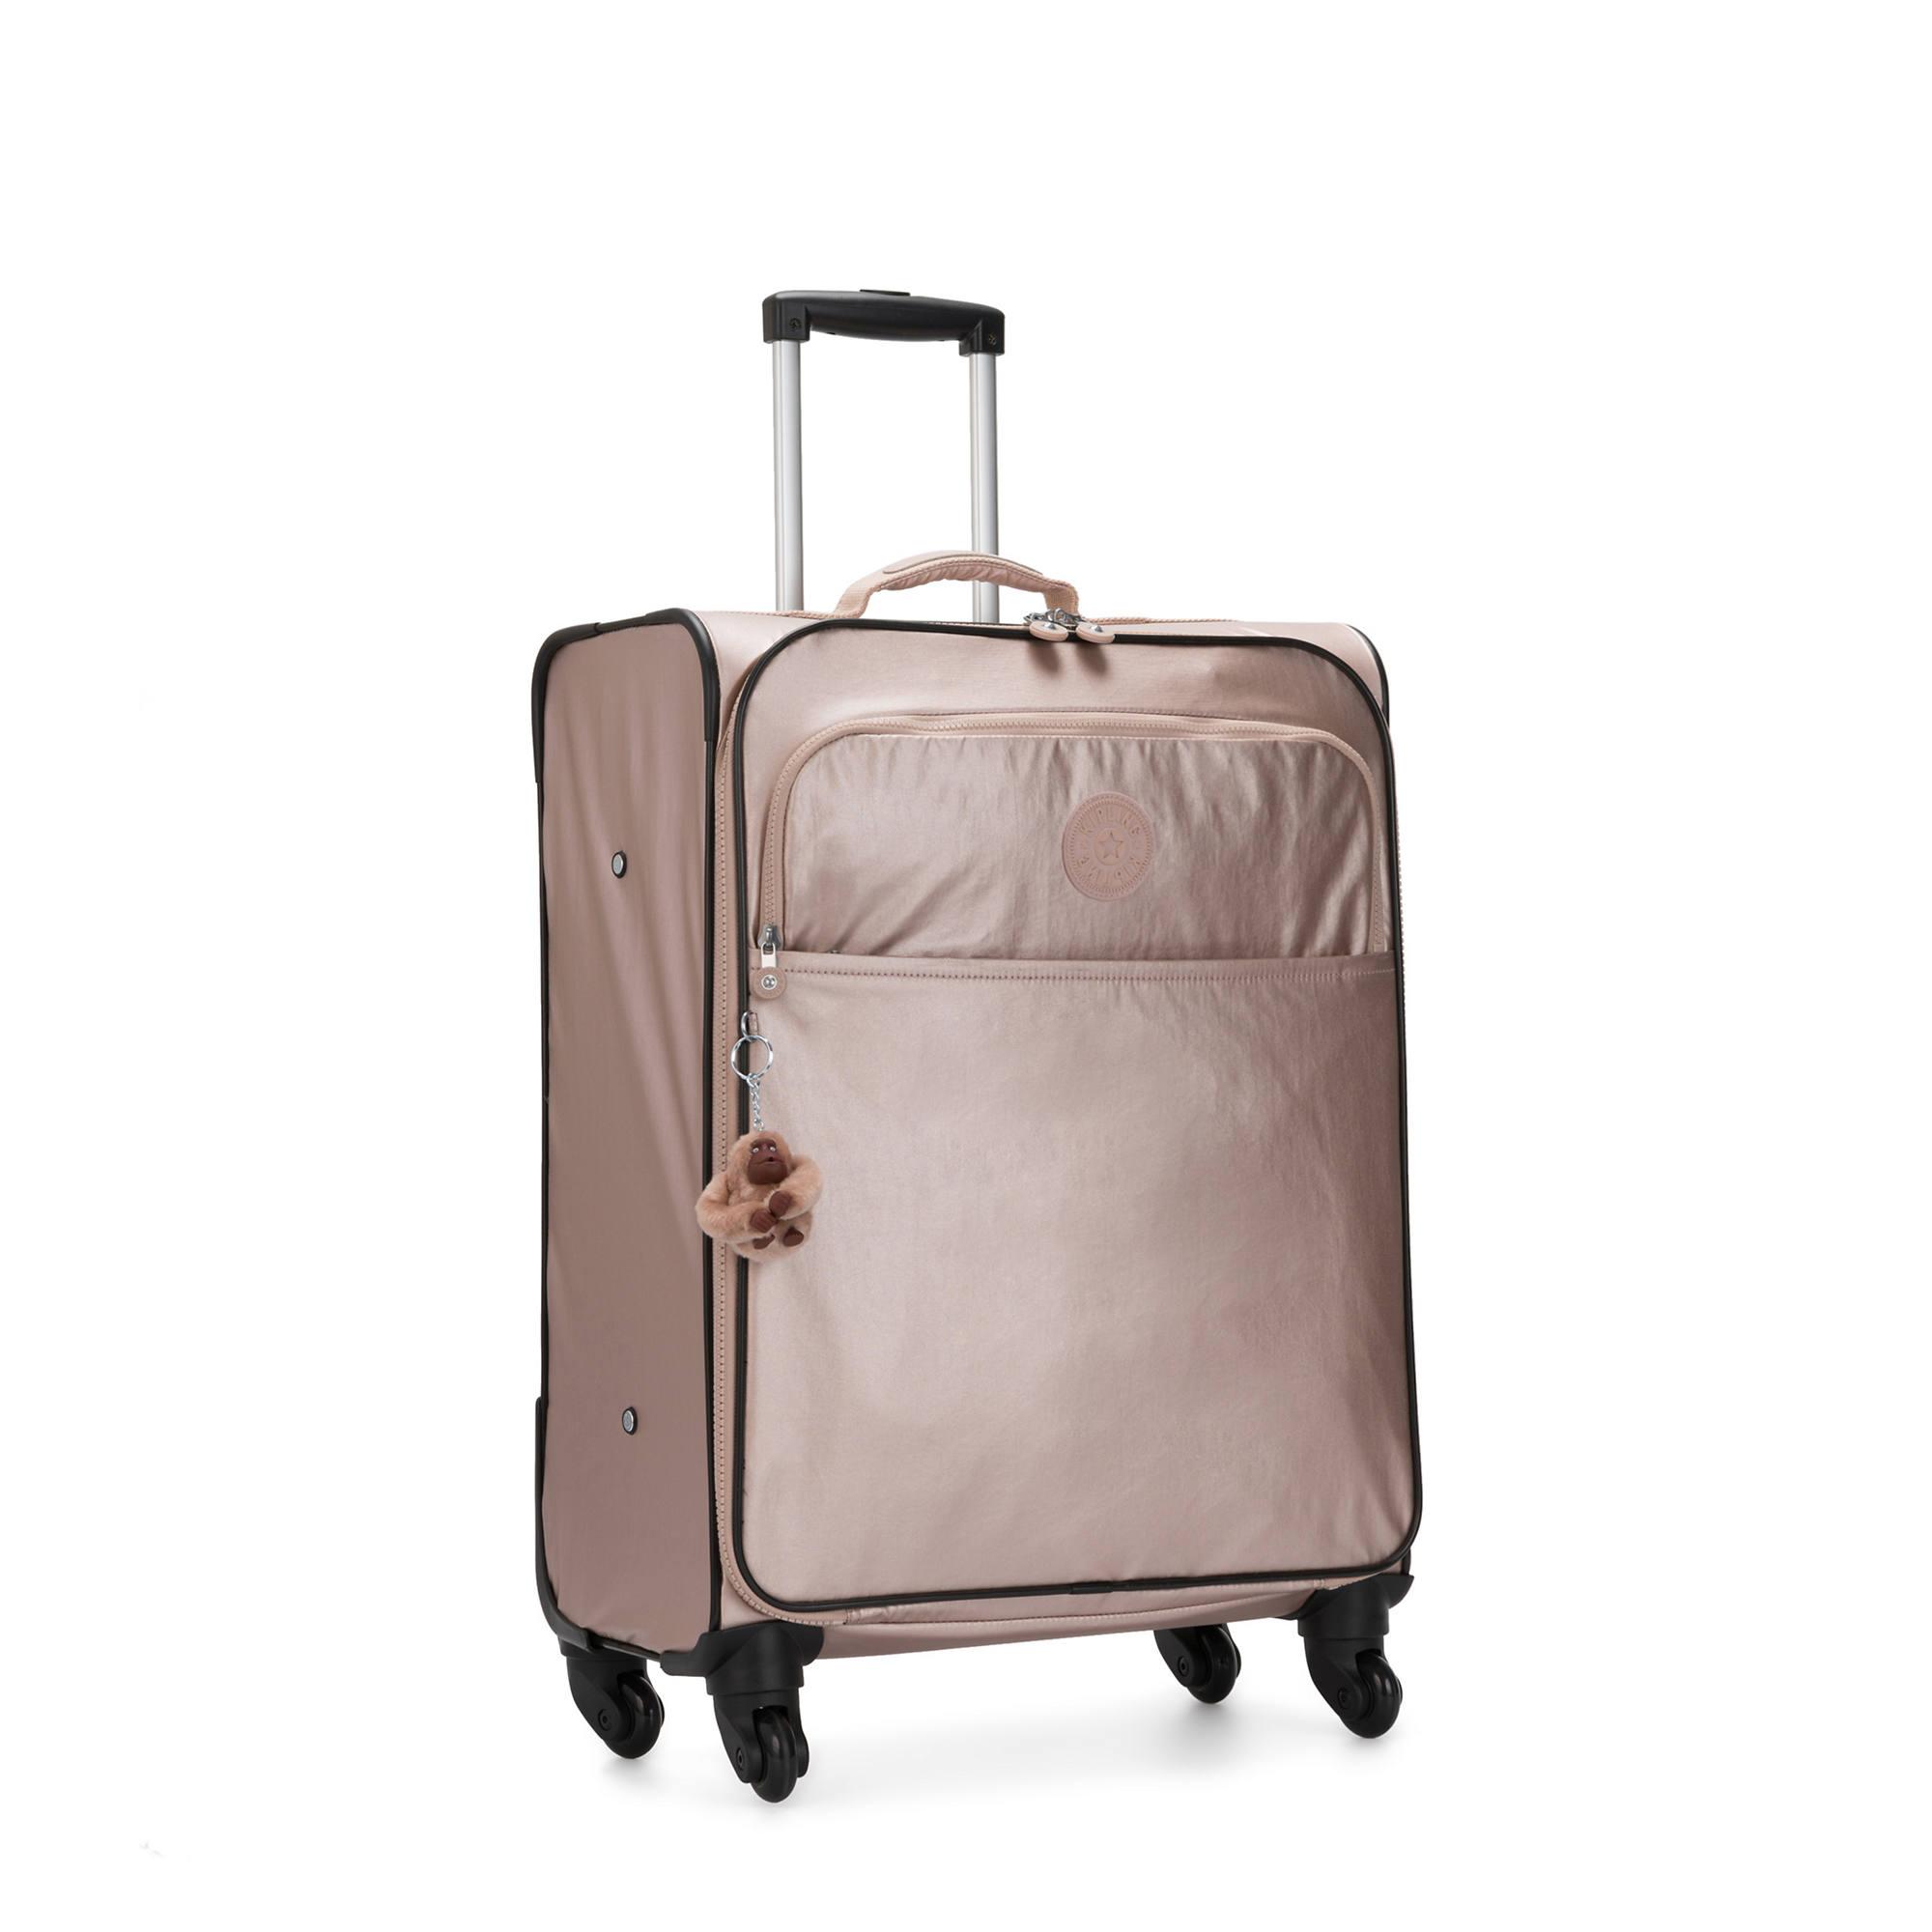 thumbnail 14 - Kipling Parker Medium Metallic Rolling Luggage